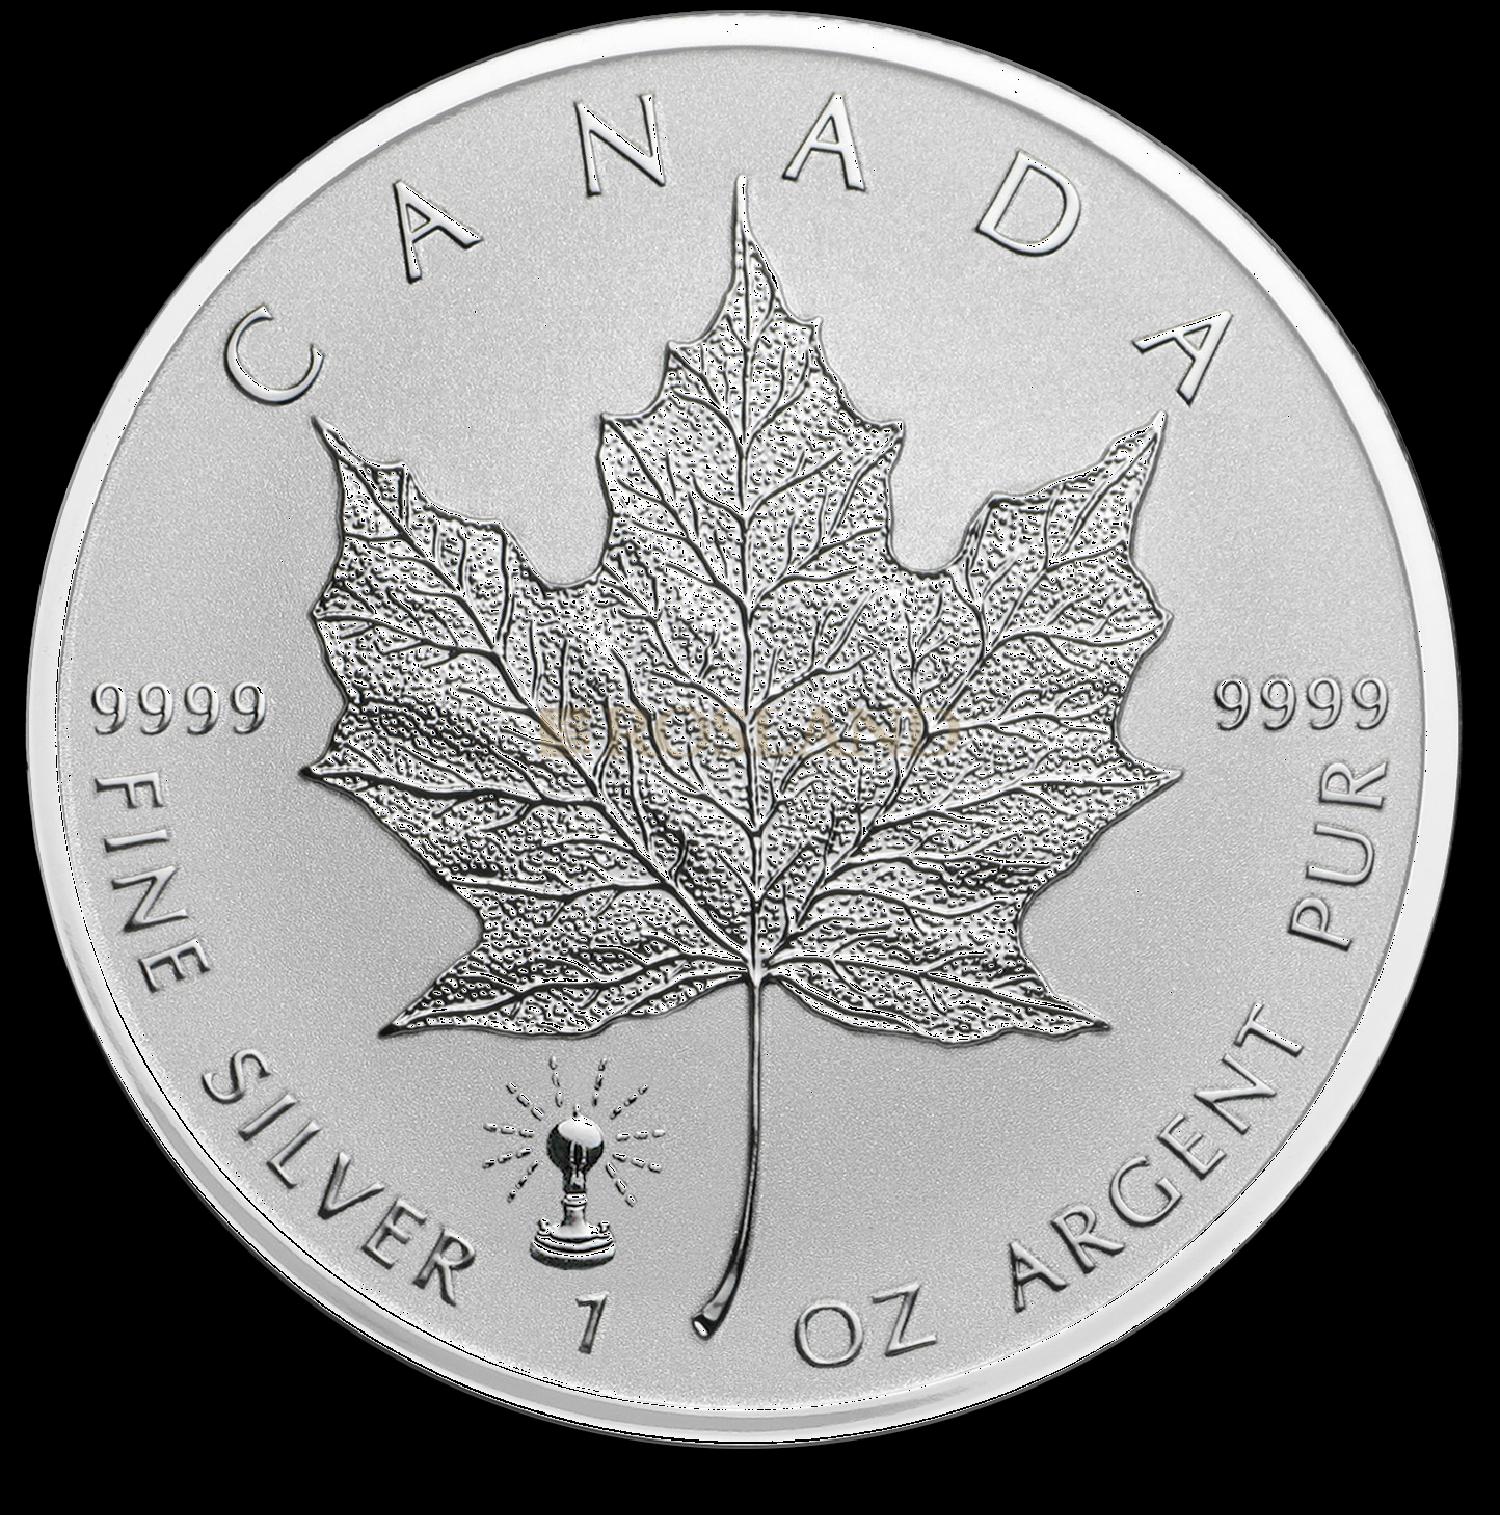 1 Unze Silbermünze Kanada Maple Leaf Edison Glühlampe 2018